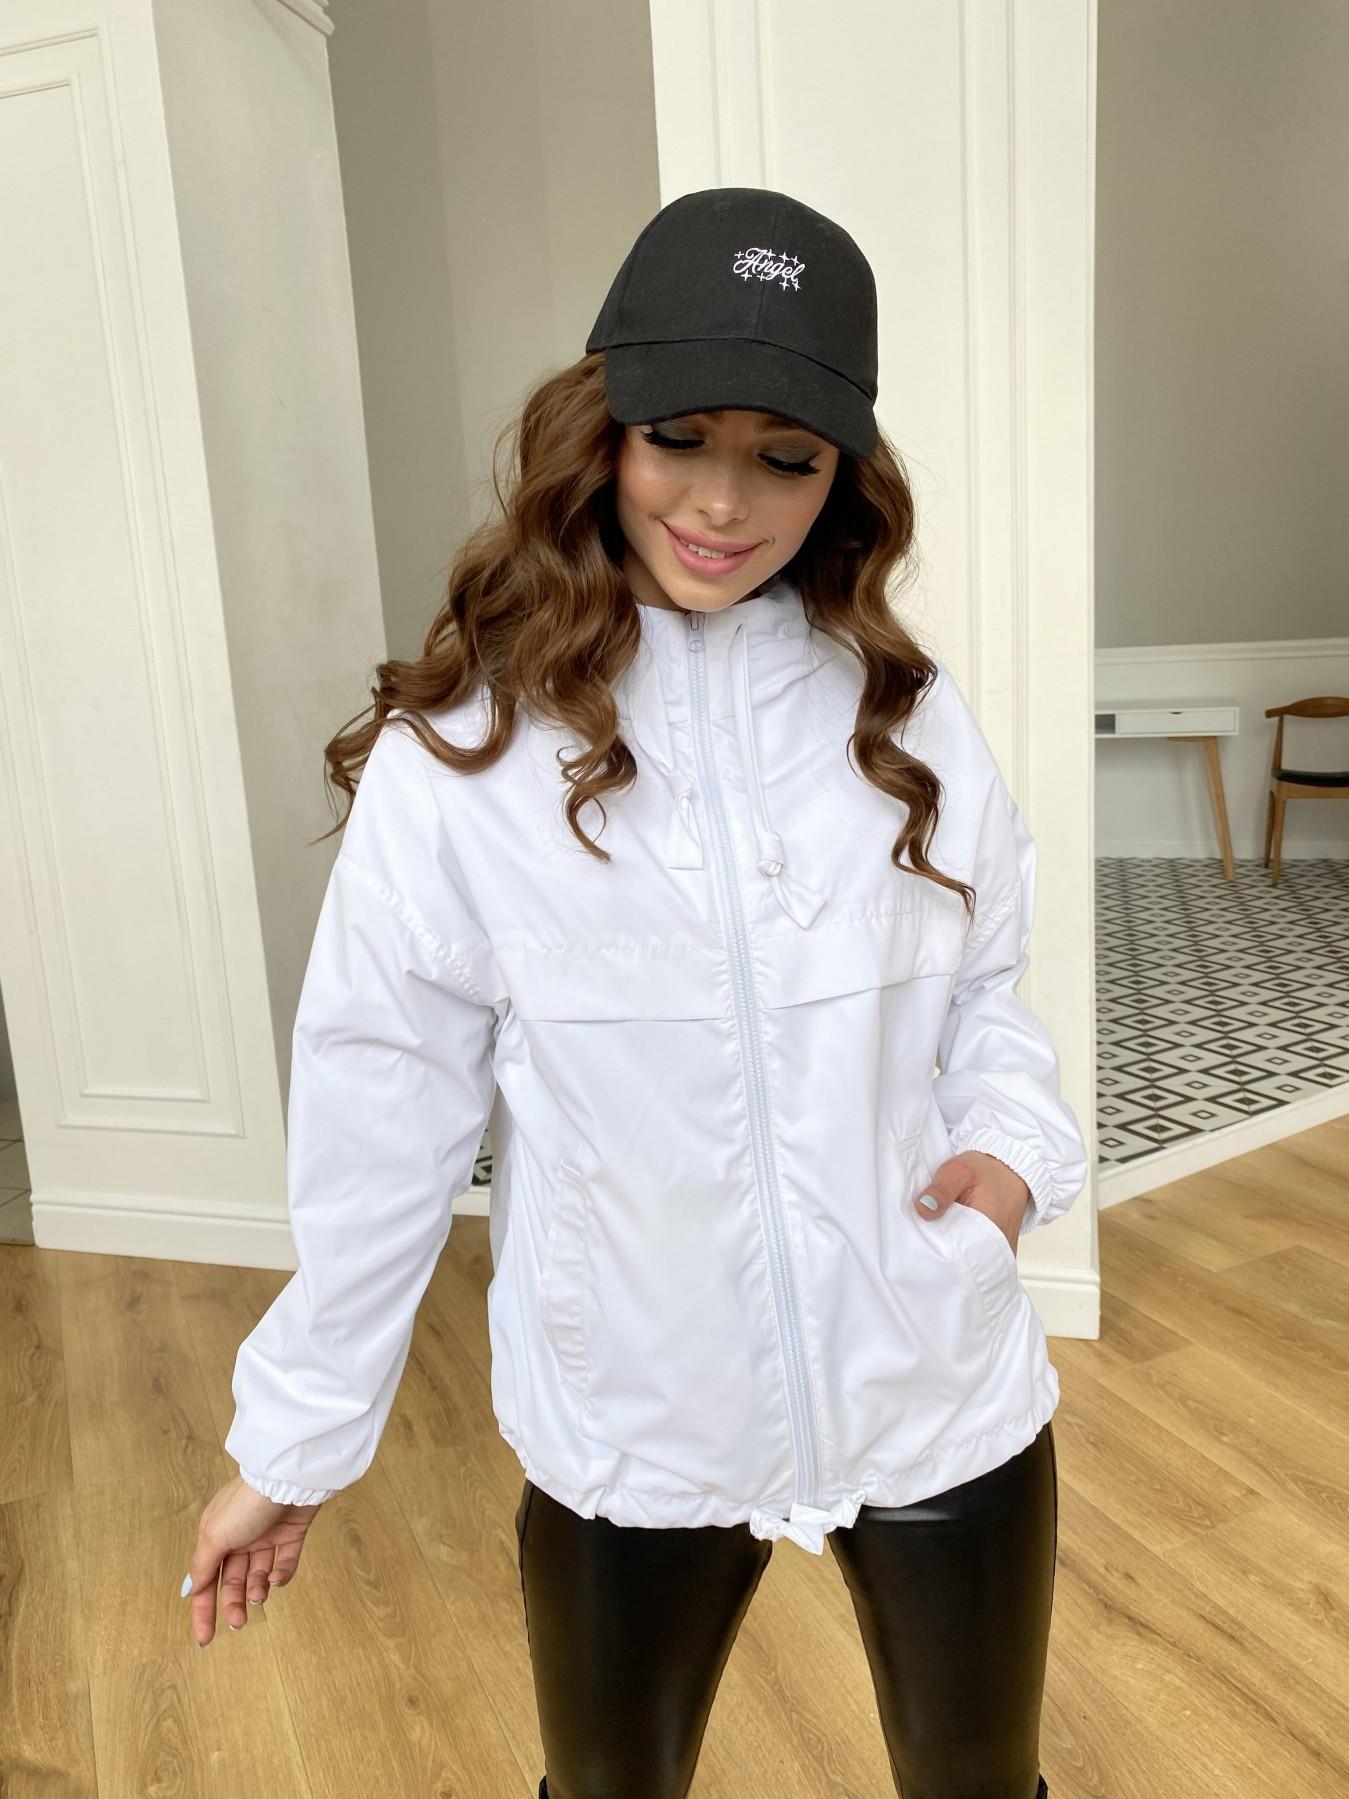 Фит куртка из плащевой ткани Ammy 11013 АРТ. 47646 Цвет: Молоко 12 - фото 12, интернет магазин tm-modus.ru